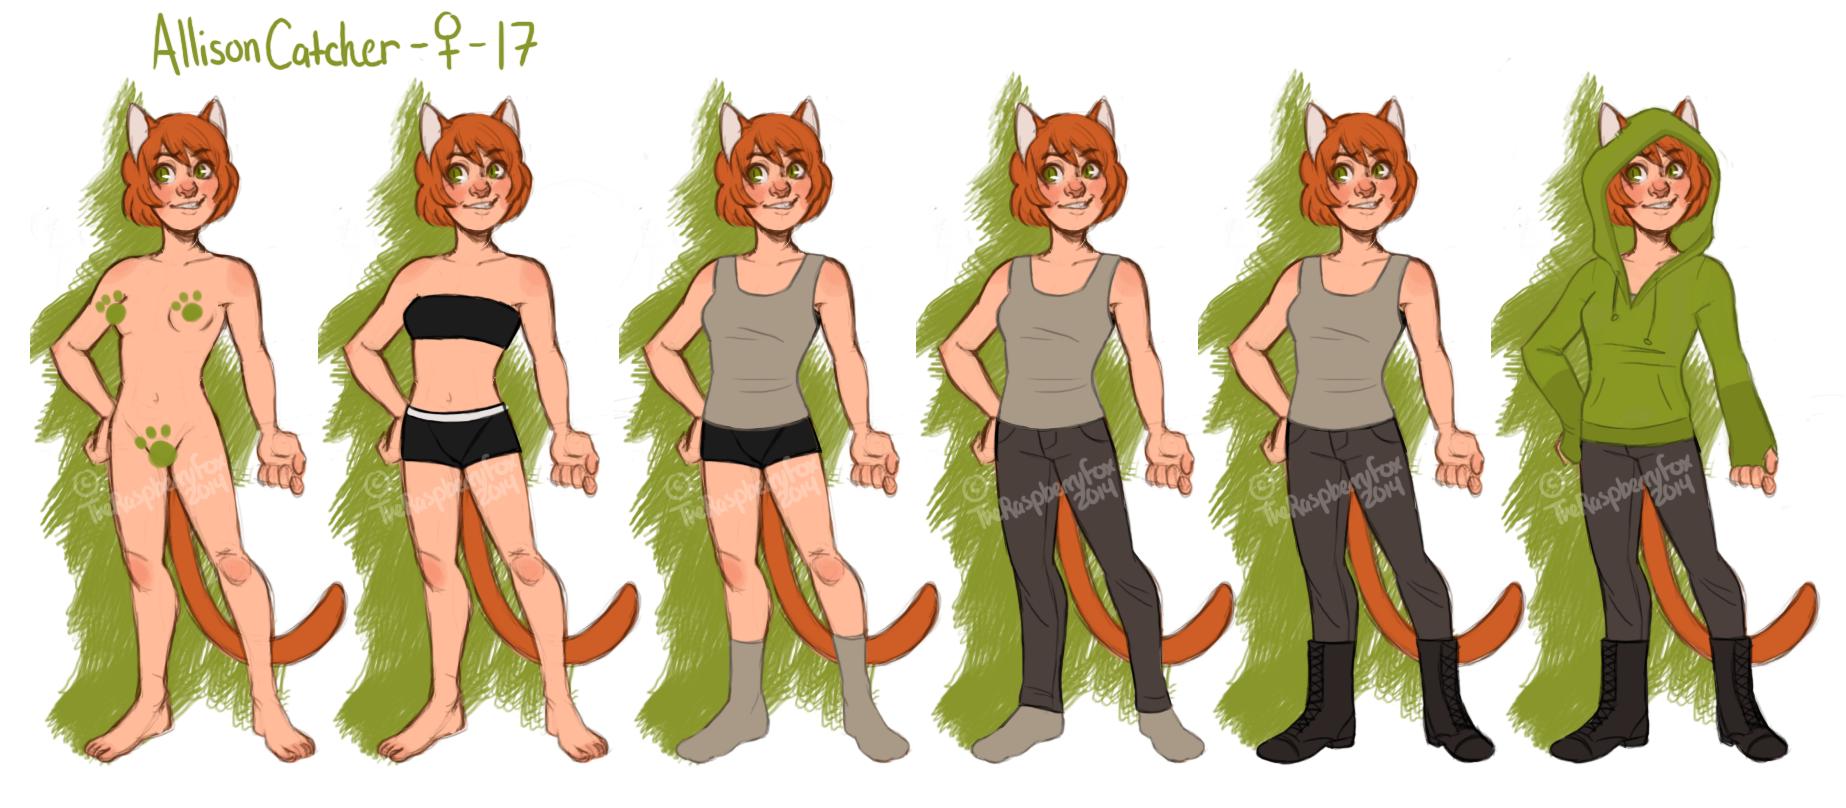 Alli Cat Outfit Breakdown